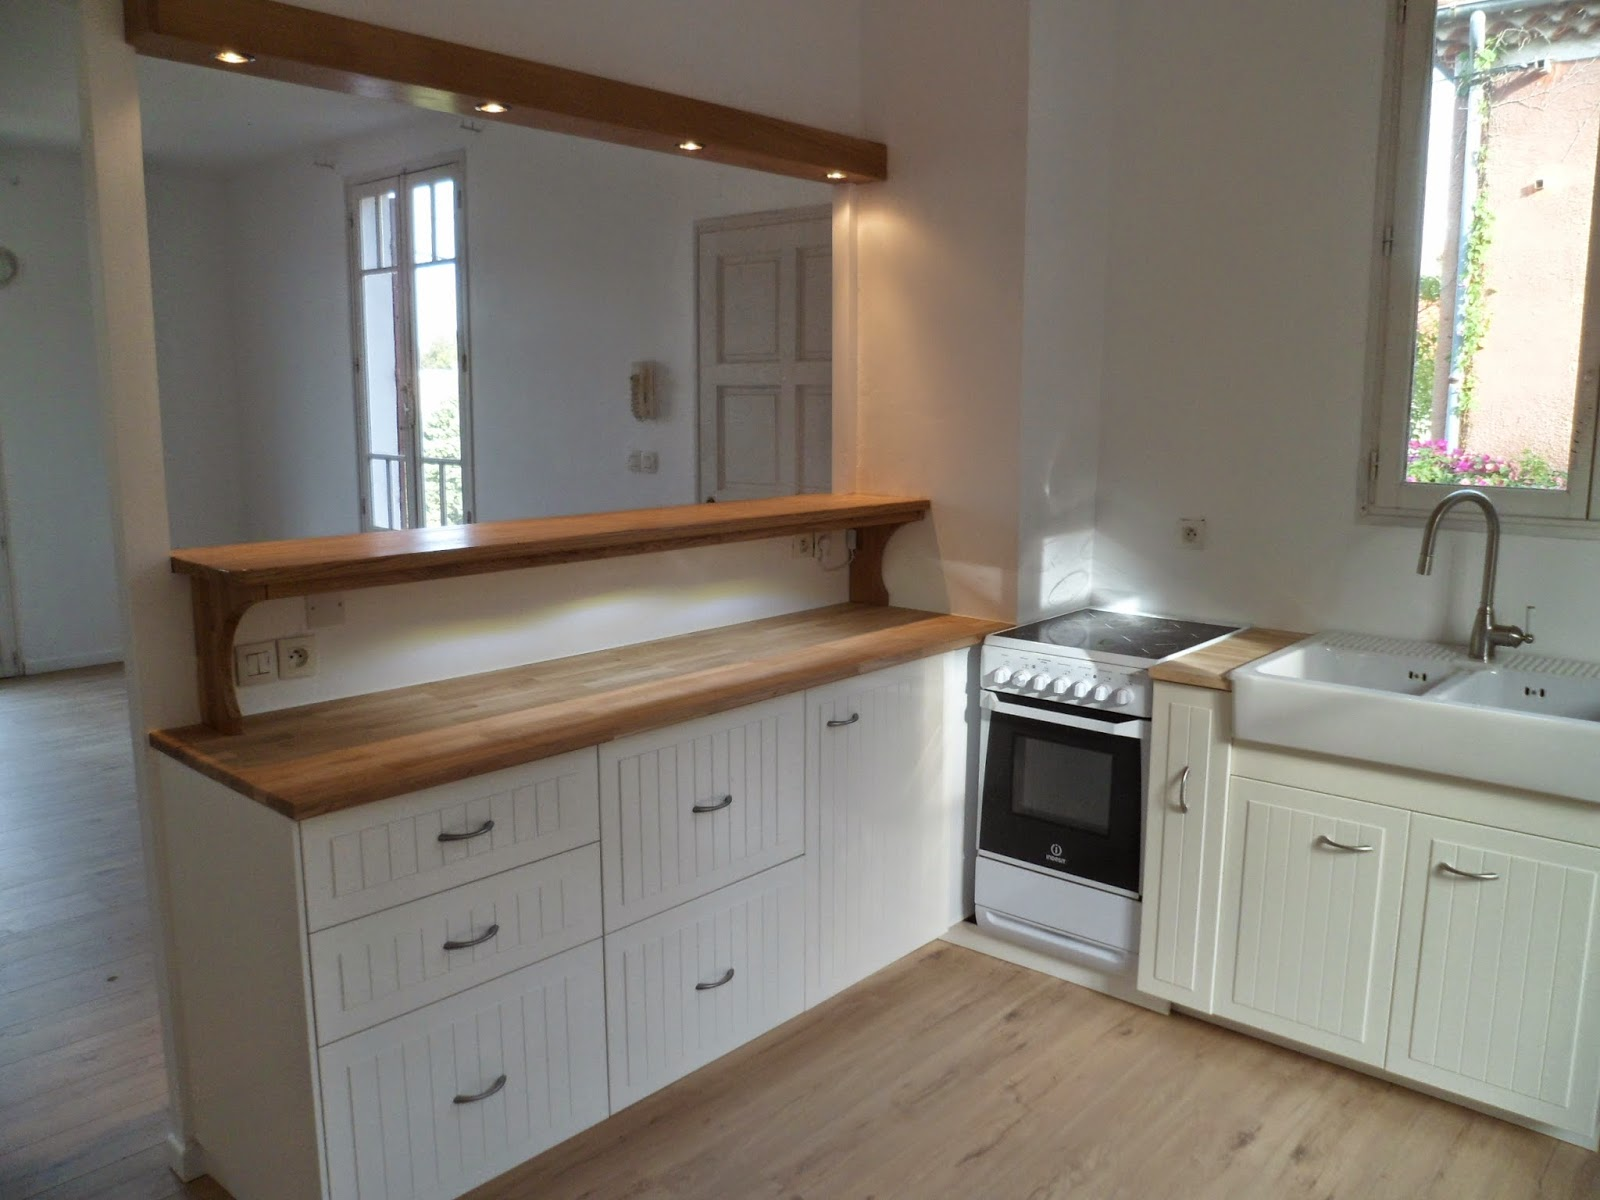 montage de cuisine et meuble mrjohnnybrico toulon. Black Bedroom Furniture Sets. Home Design Ideas